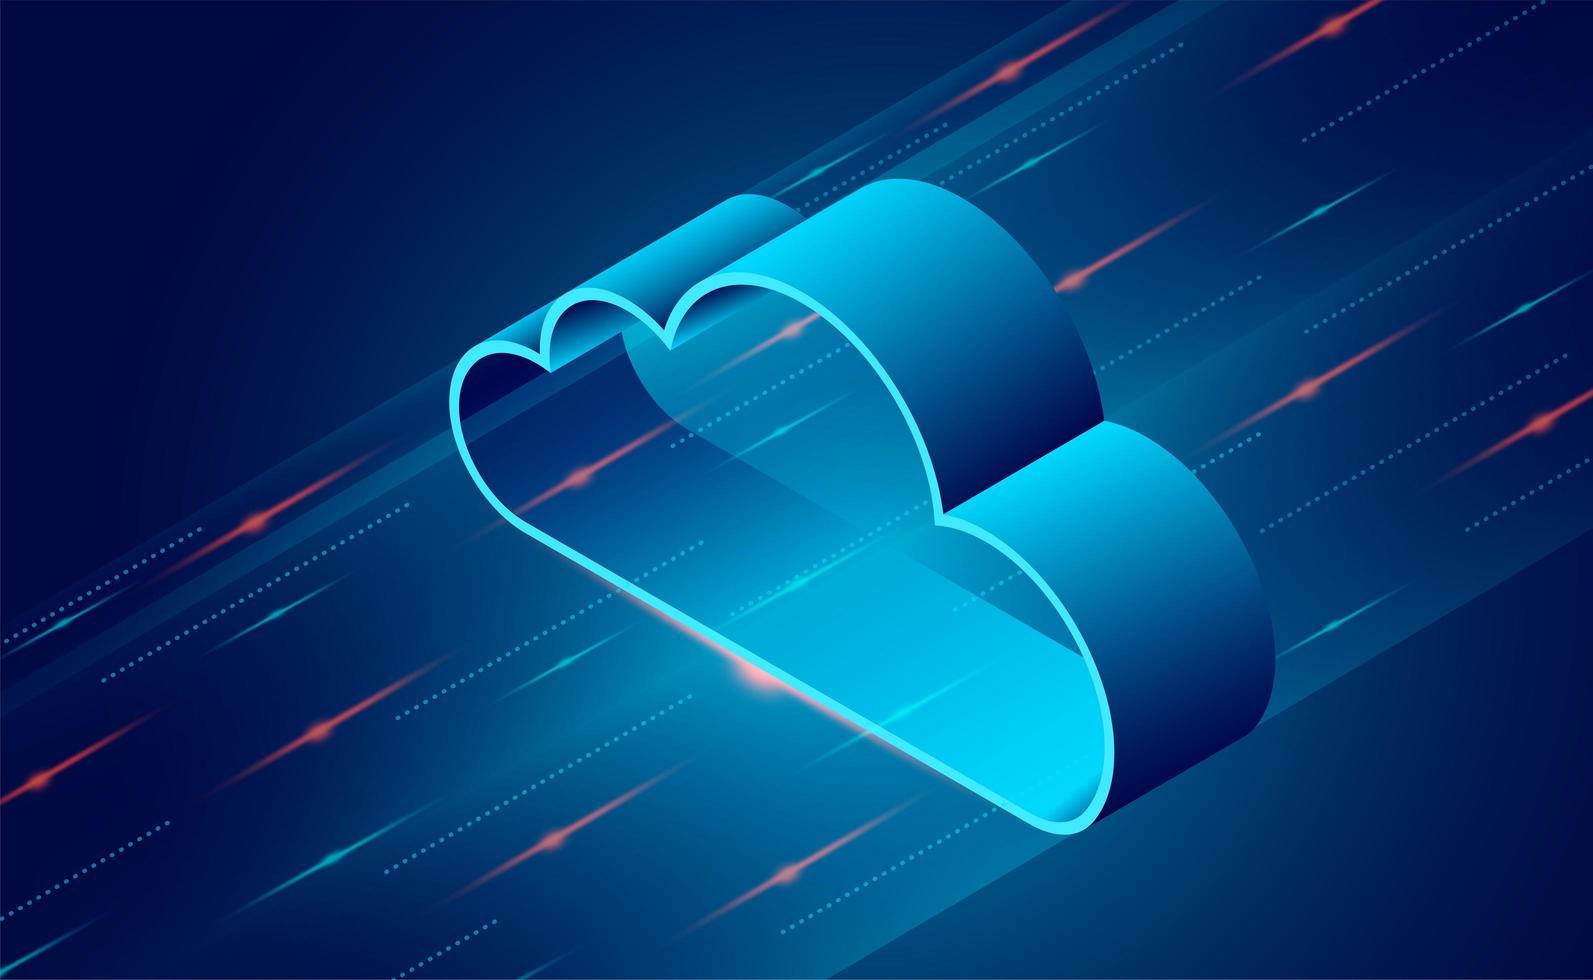 diseño de tecnología en la nube con líneas dinámicas brillantes vector